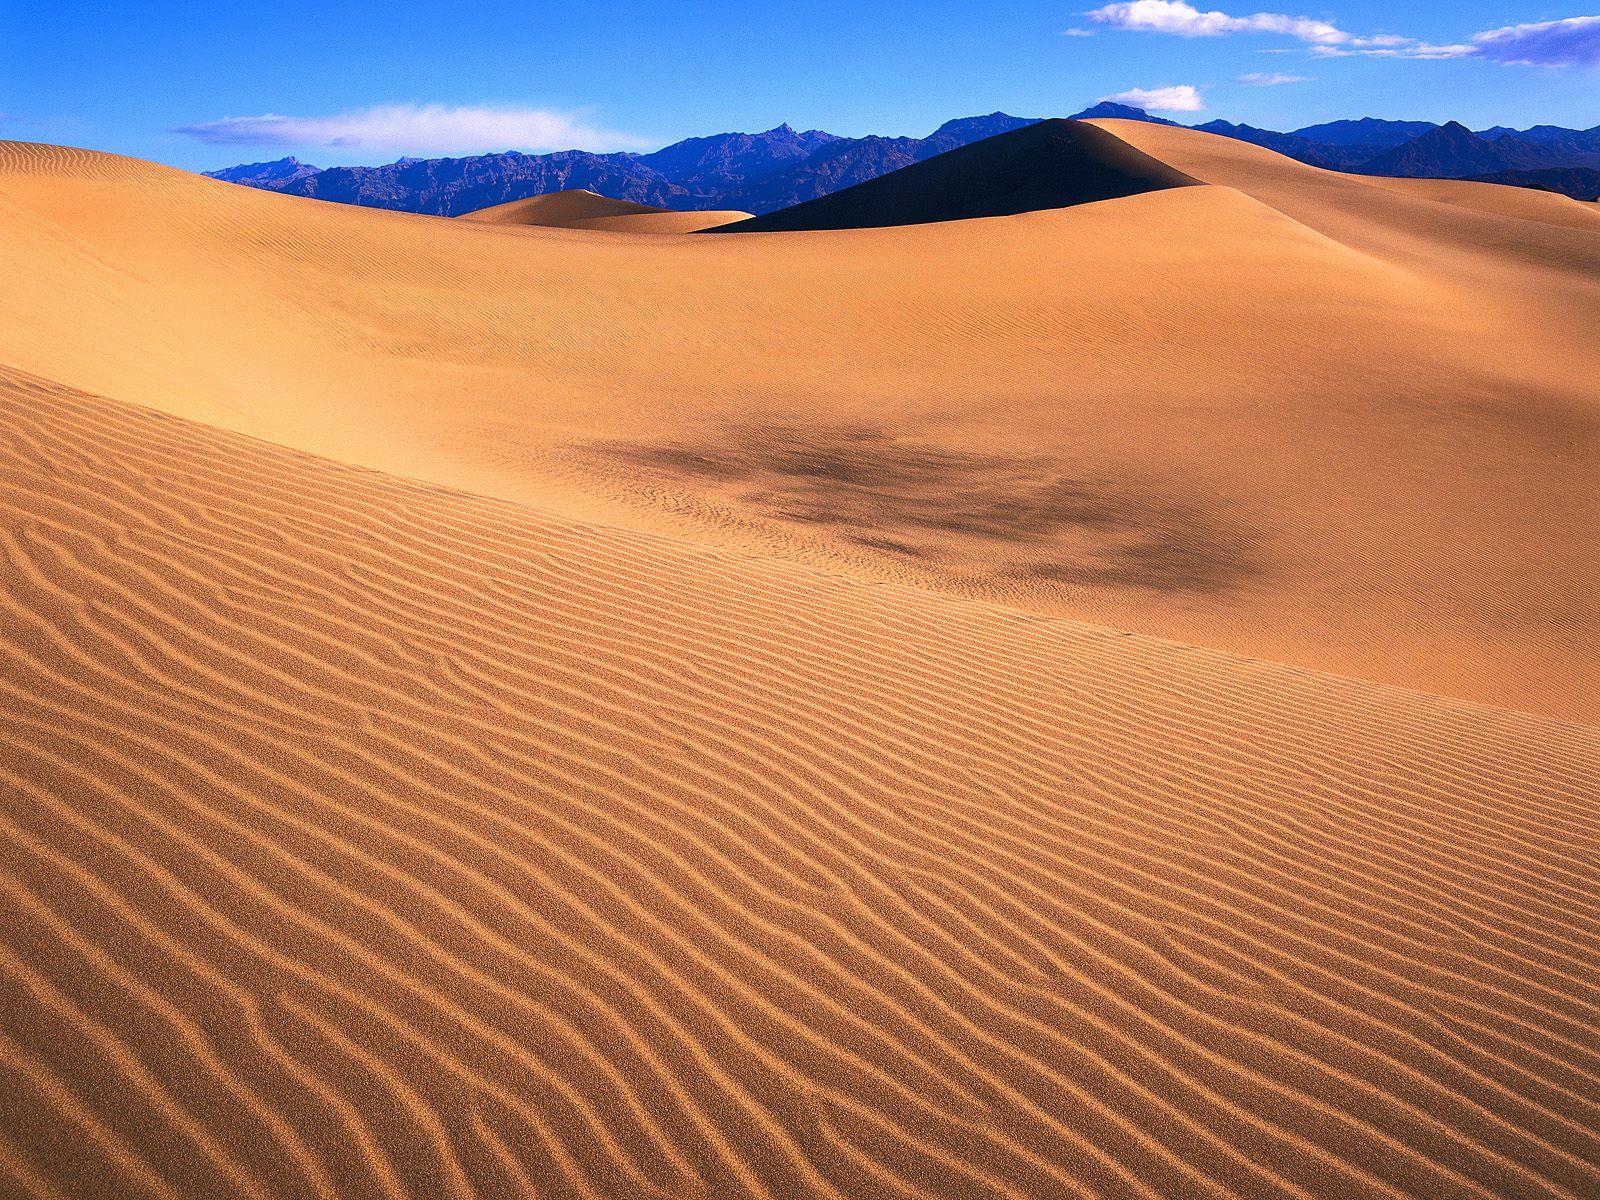 חול כתוצאה מכוחות טבע